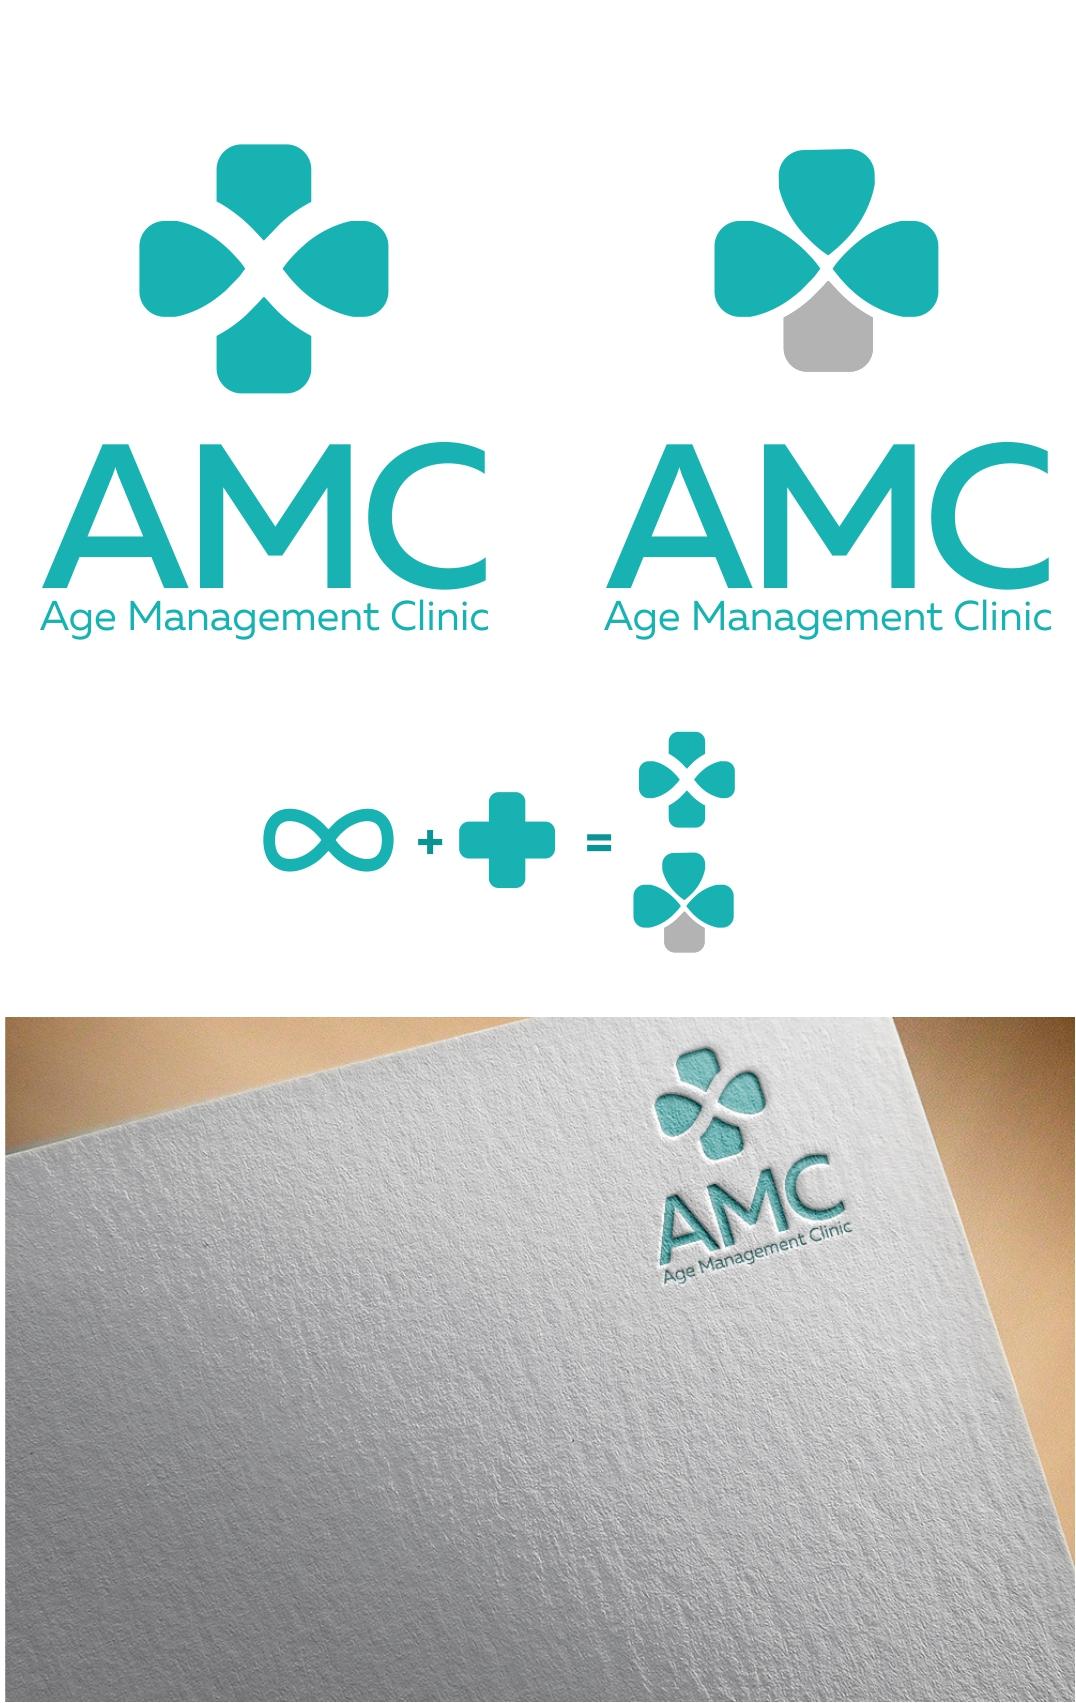 Логотип для медицинского центра (клиники)  фото f_9265b9b4884be457.jpg